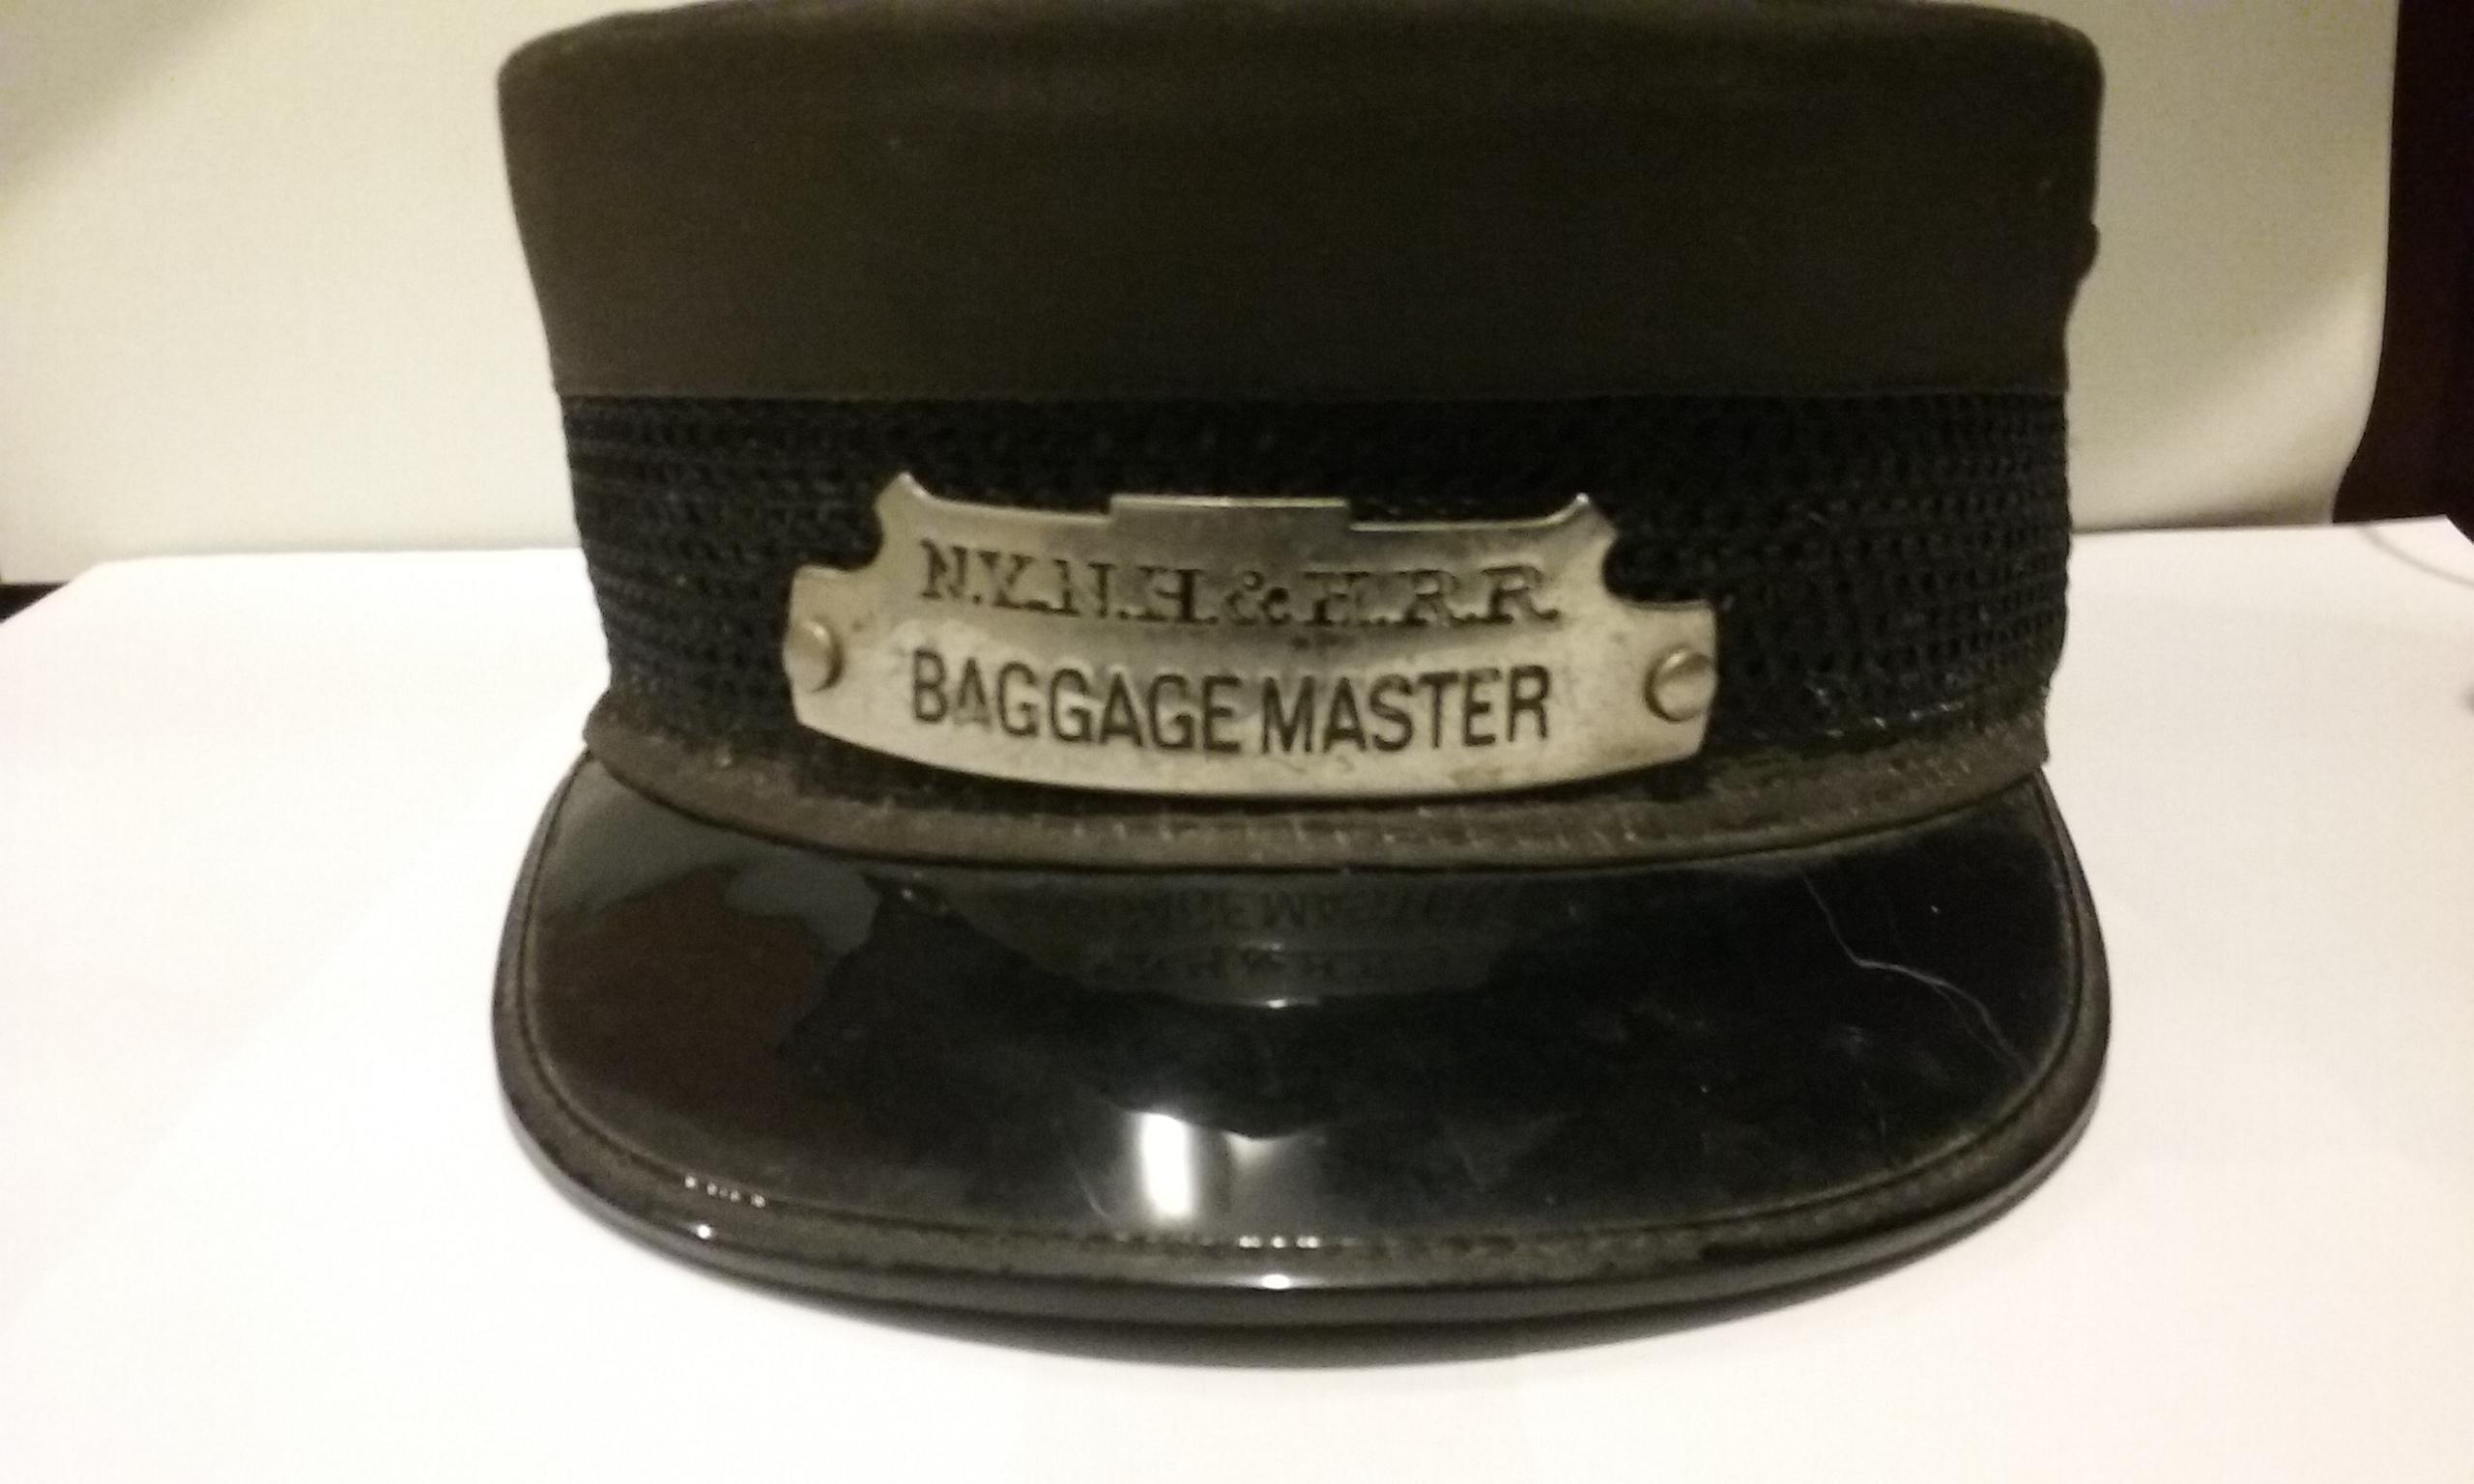 NYNH&H RR Baggage Master hat.jpg